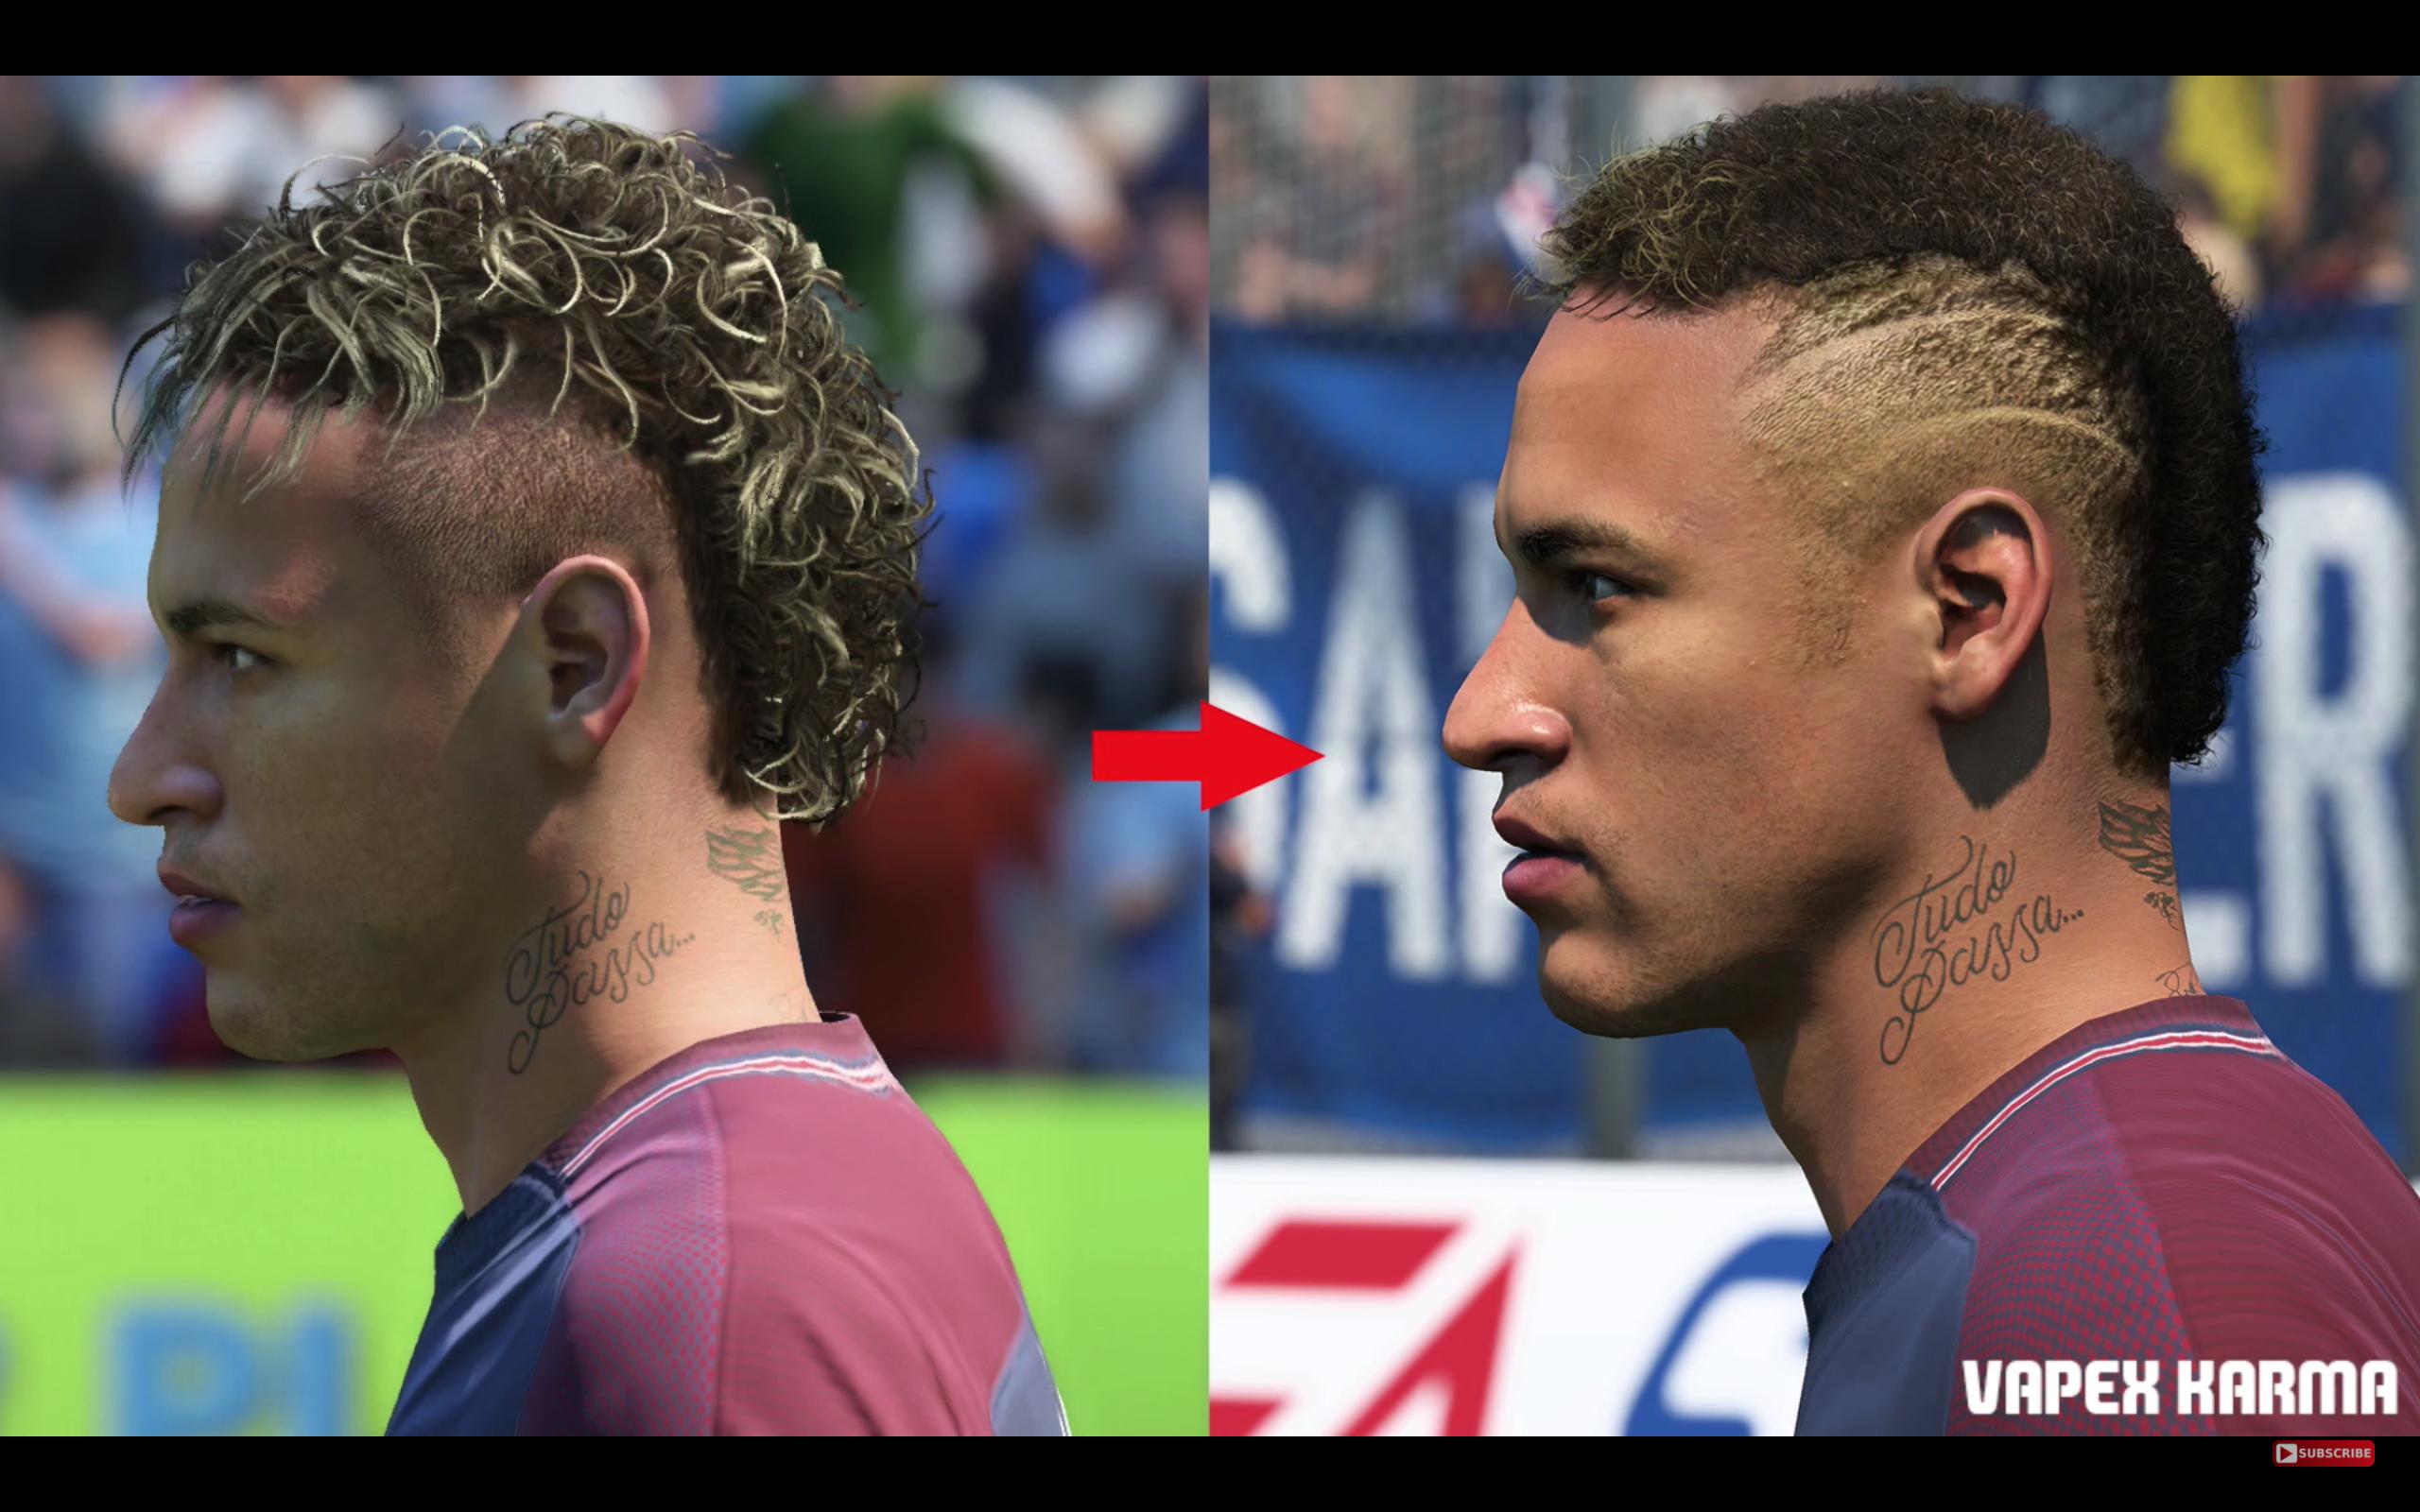 FIFA 18 a mis à jour les visages de certains joueurs et c'est impressionnant